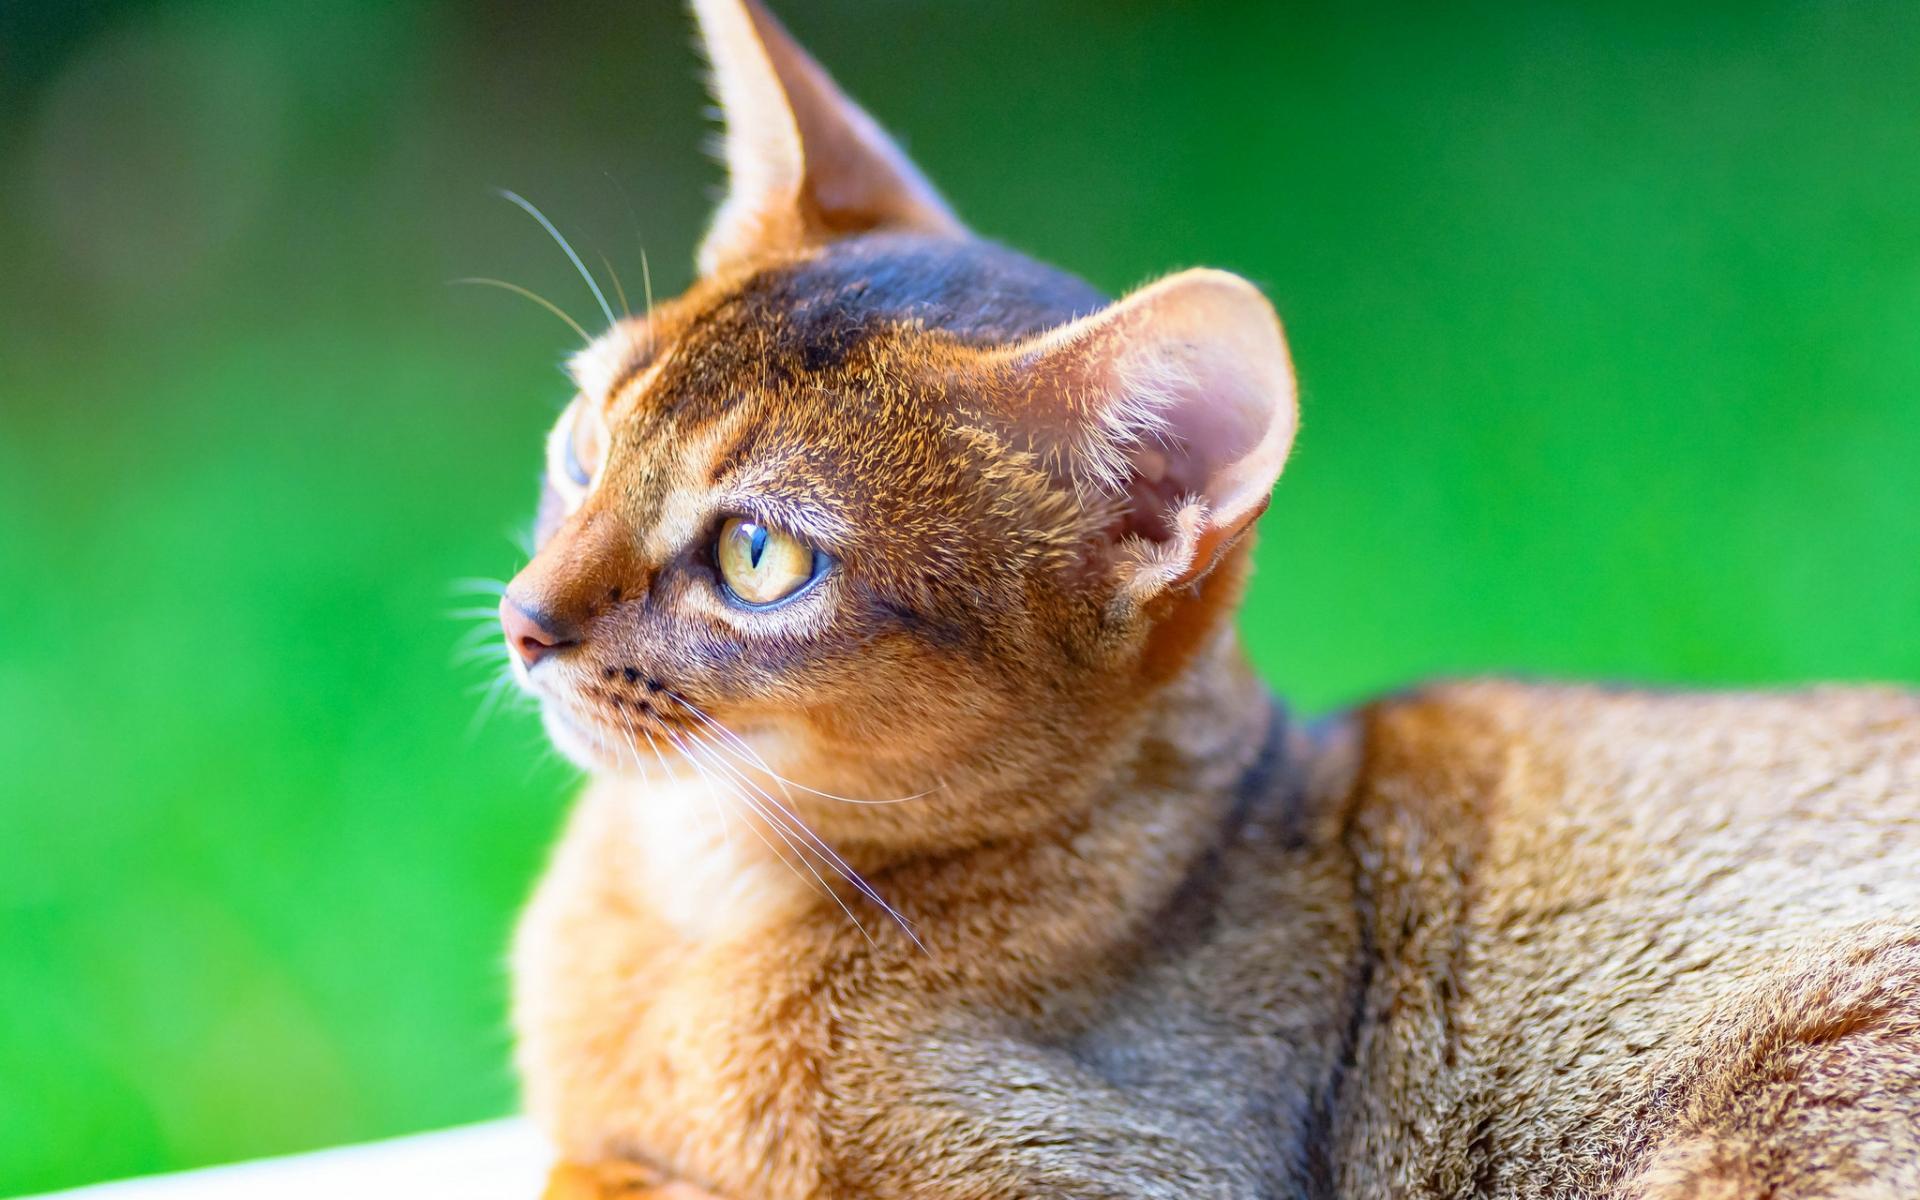 Un gato puma - 1920x1200